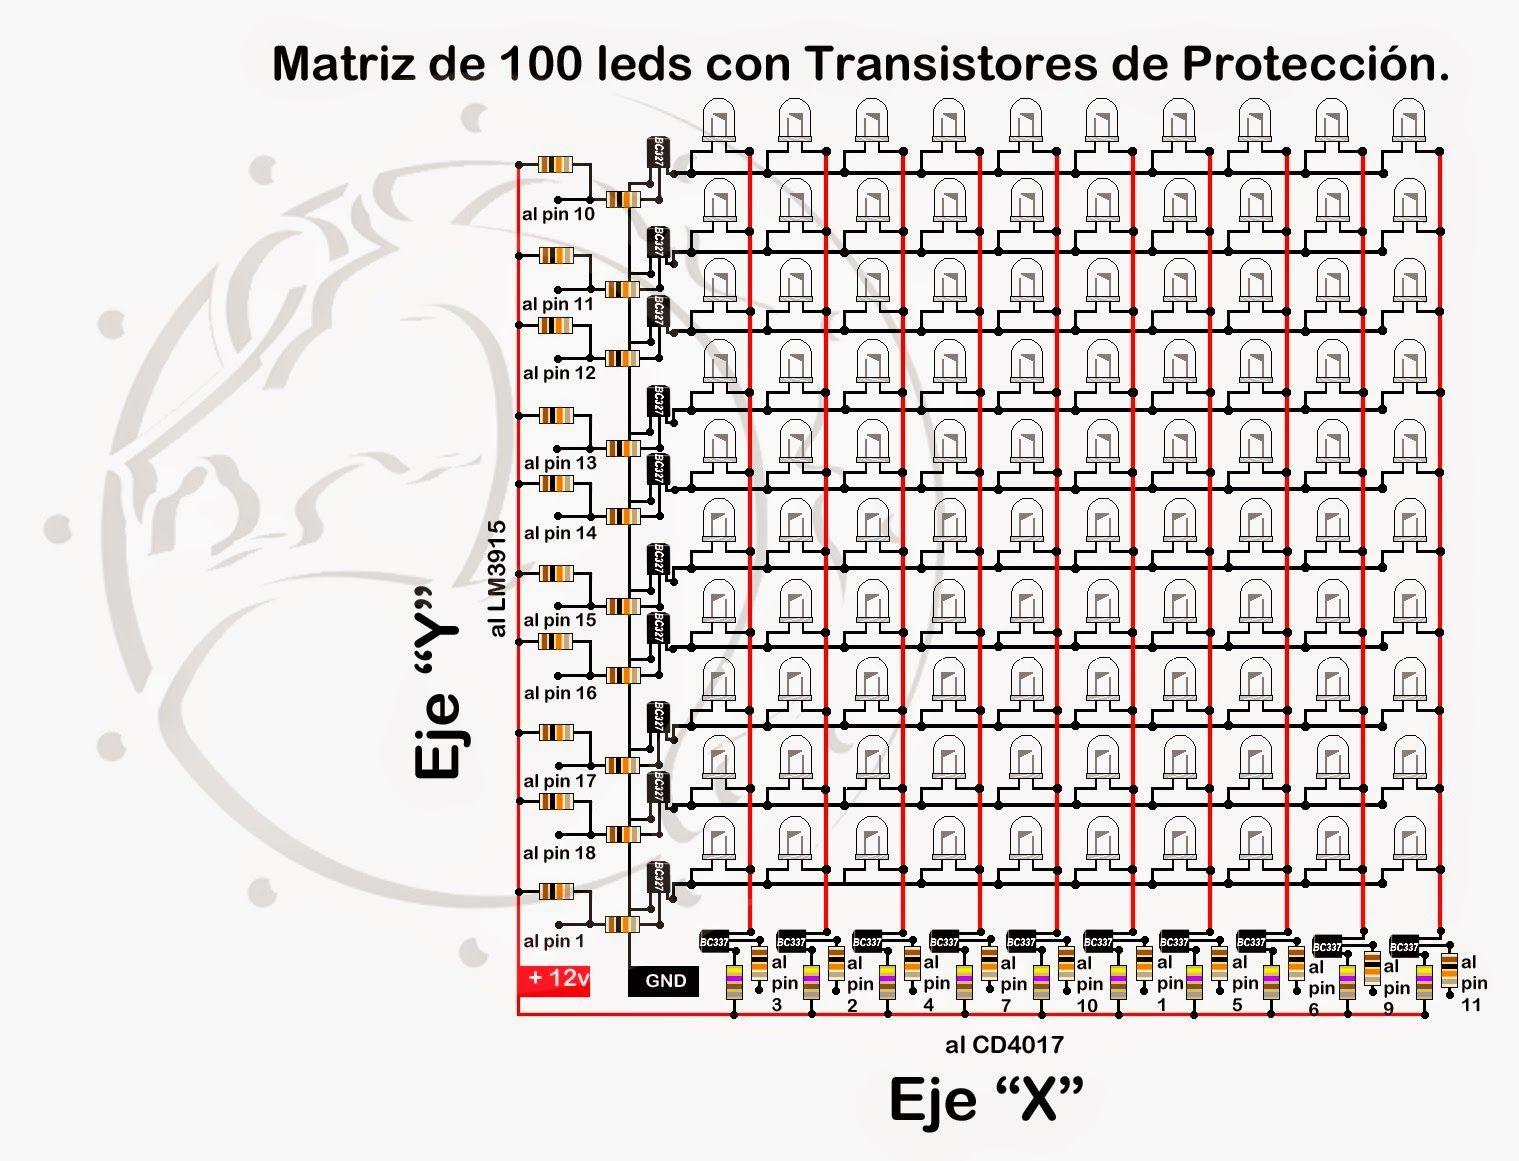 Vumetros A Led Descubre Los Secretos De Un Armado Exitoso Circuito Basado Probador Transistores Vumetro